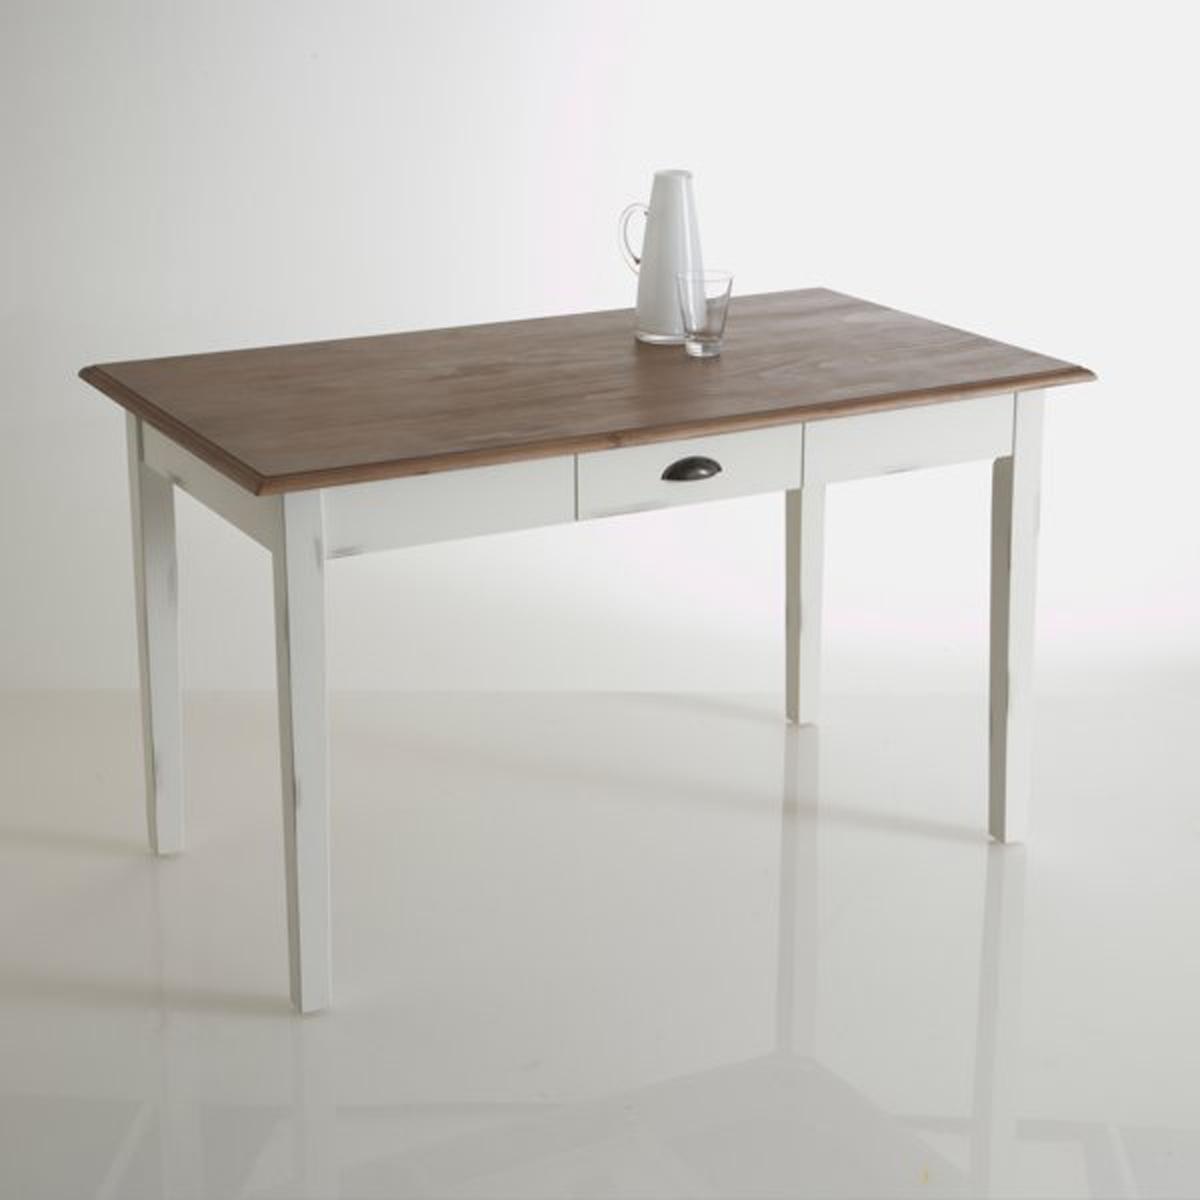 Стол для кухни из массива сосны, на 2 - 4 персоны, Roside